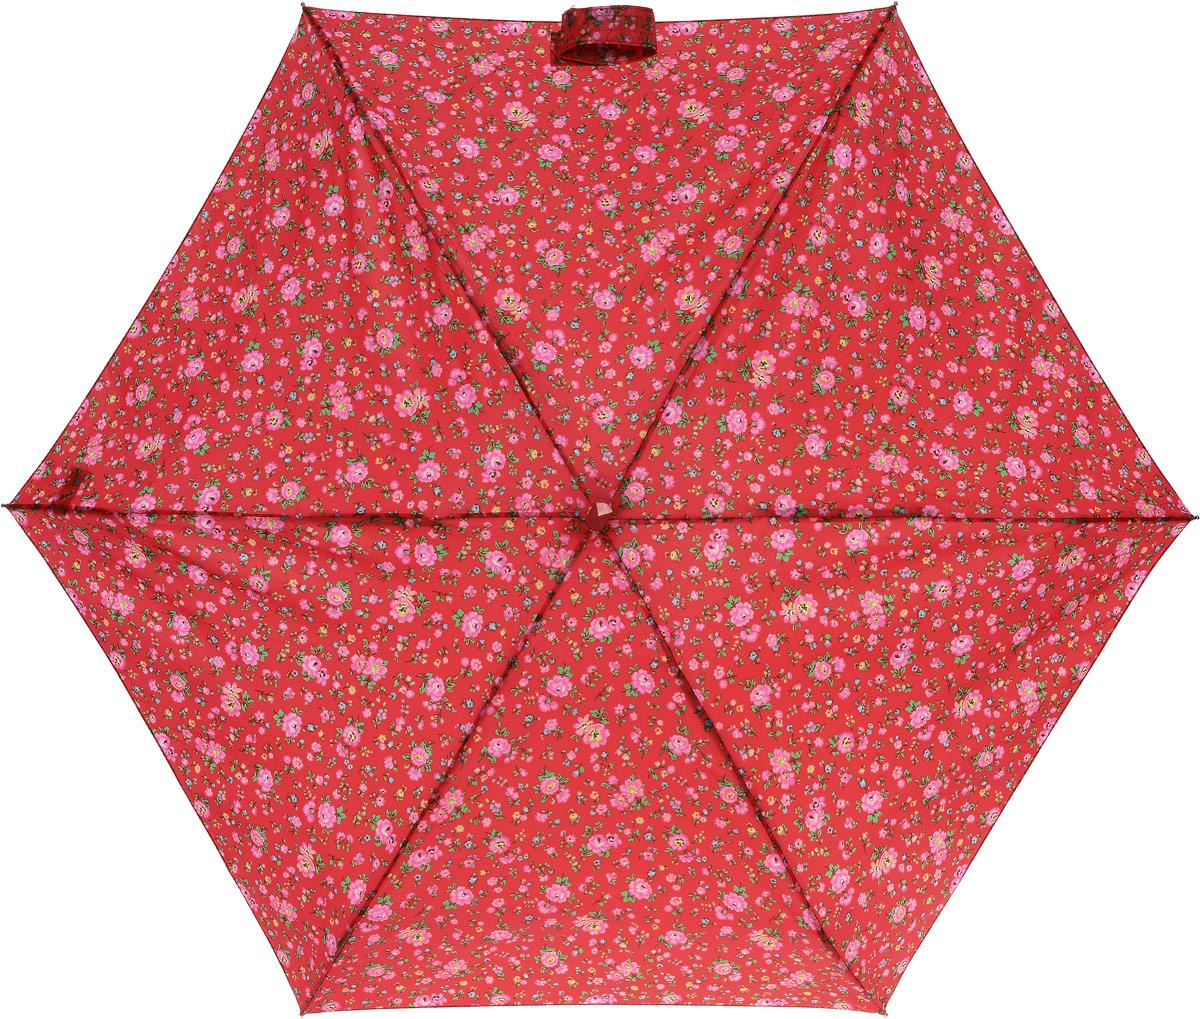 Зонт женский Cath Kidston Tiny, механический, 5 сложений, цвет: красный. L739-306345100636-1/18466/4900NСтильный механический зонт Cath Kidston Tiny в 5 сложений даже в ненастную погоду позволит вам оставаться элегантной. Облегченный каркас зонта выполнен из 6 спиц из фибергласса и алюминия, стержень также изготовлен из алюминия, удобная рукоятка - из пластика. Купол зонта выполнен из прочного полиэстера и оформлен мелким цветочным принтом. В закрытом виде застегивается хлястиком на липучку. Зонт механического сложения: купол открывается и закрывается вручную до характерного щелчка. На рукоятке для удобства есть небольшой шнурок, позволяющий при необходимости надеть зонт на руку. К зонту прилагается чехол, оформленный нашивкой с названием бренда. Изделие упаковано в подарочную коробку.Такой зонт компактно располагается в кармане, сумочке, дверке автомобиля.